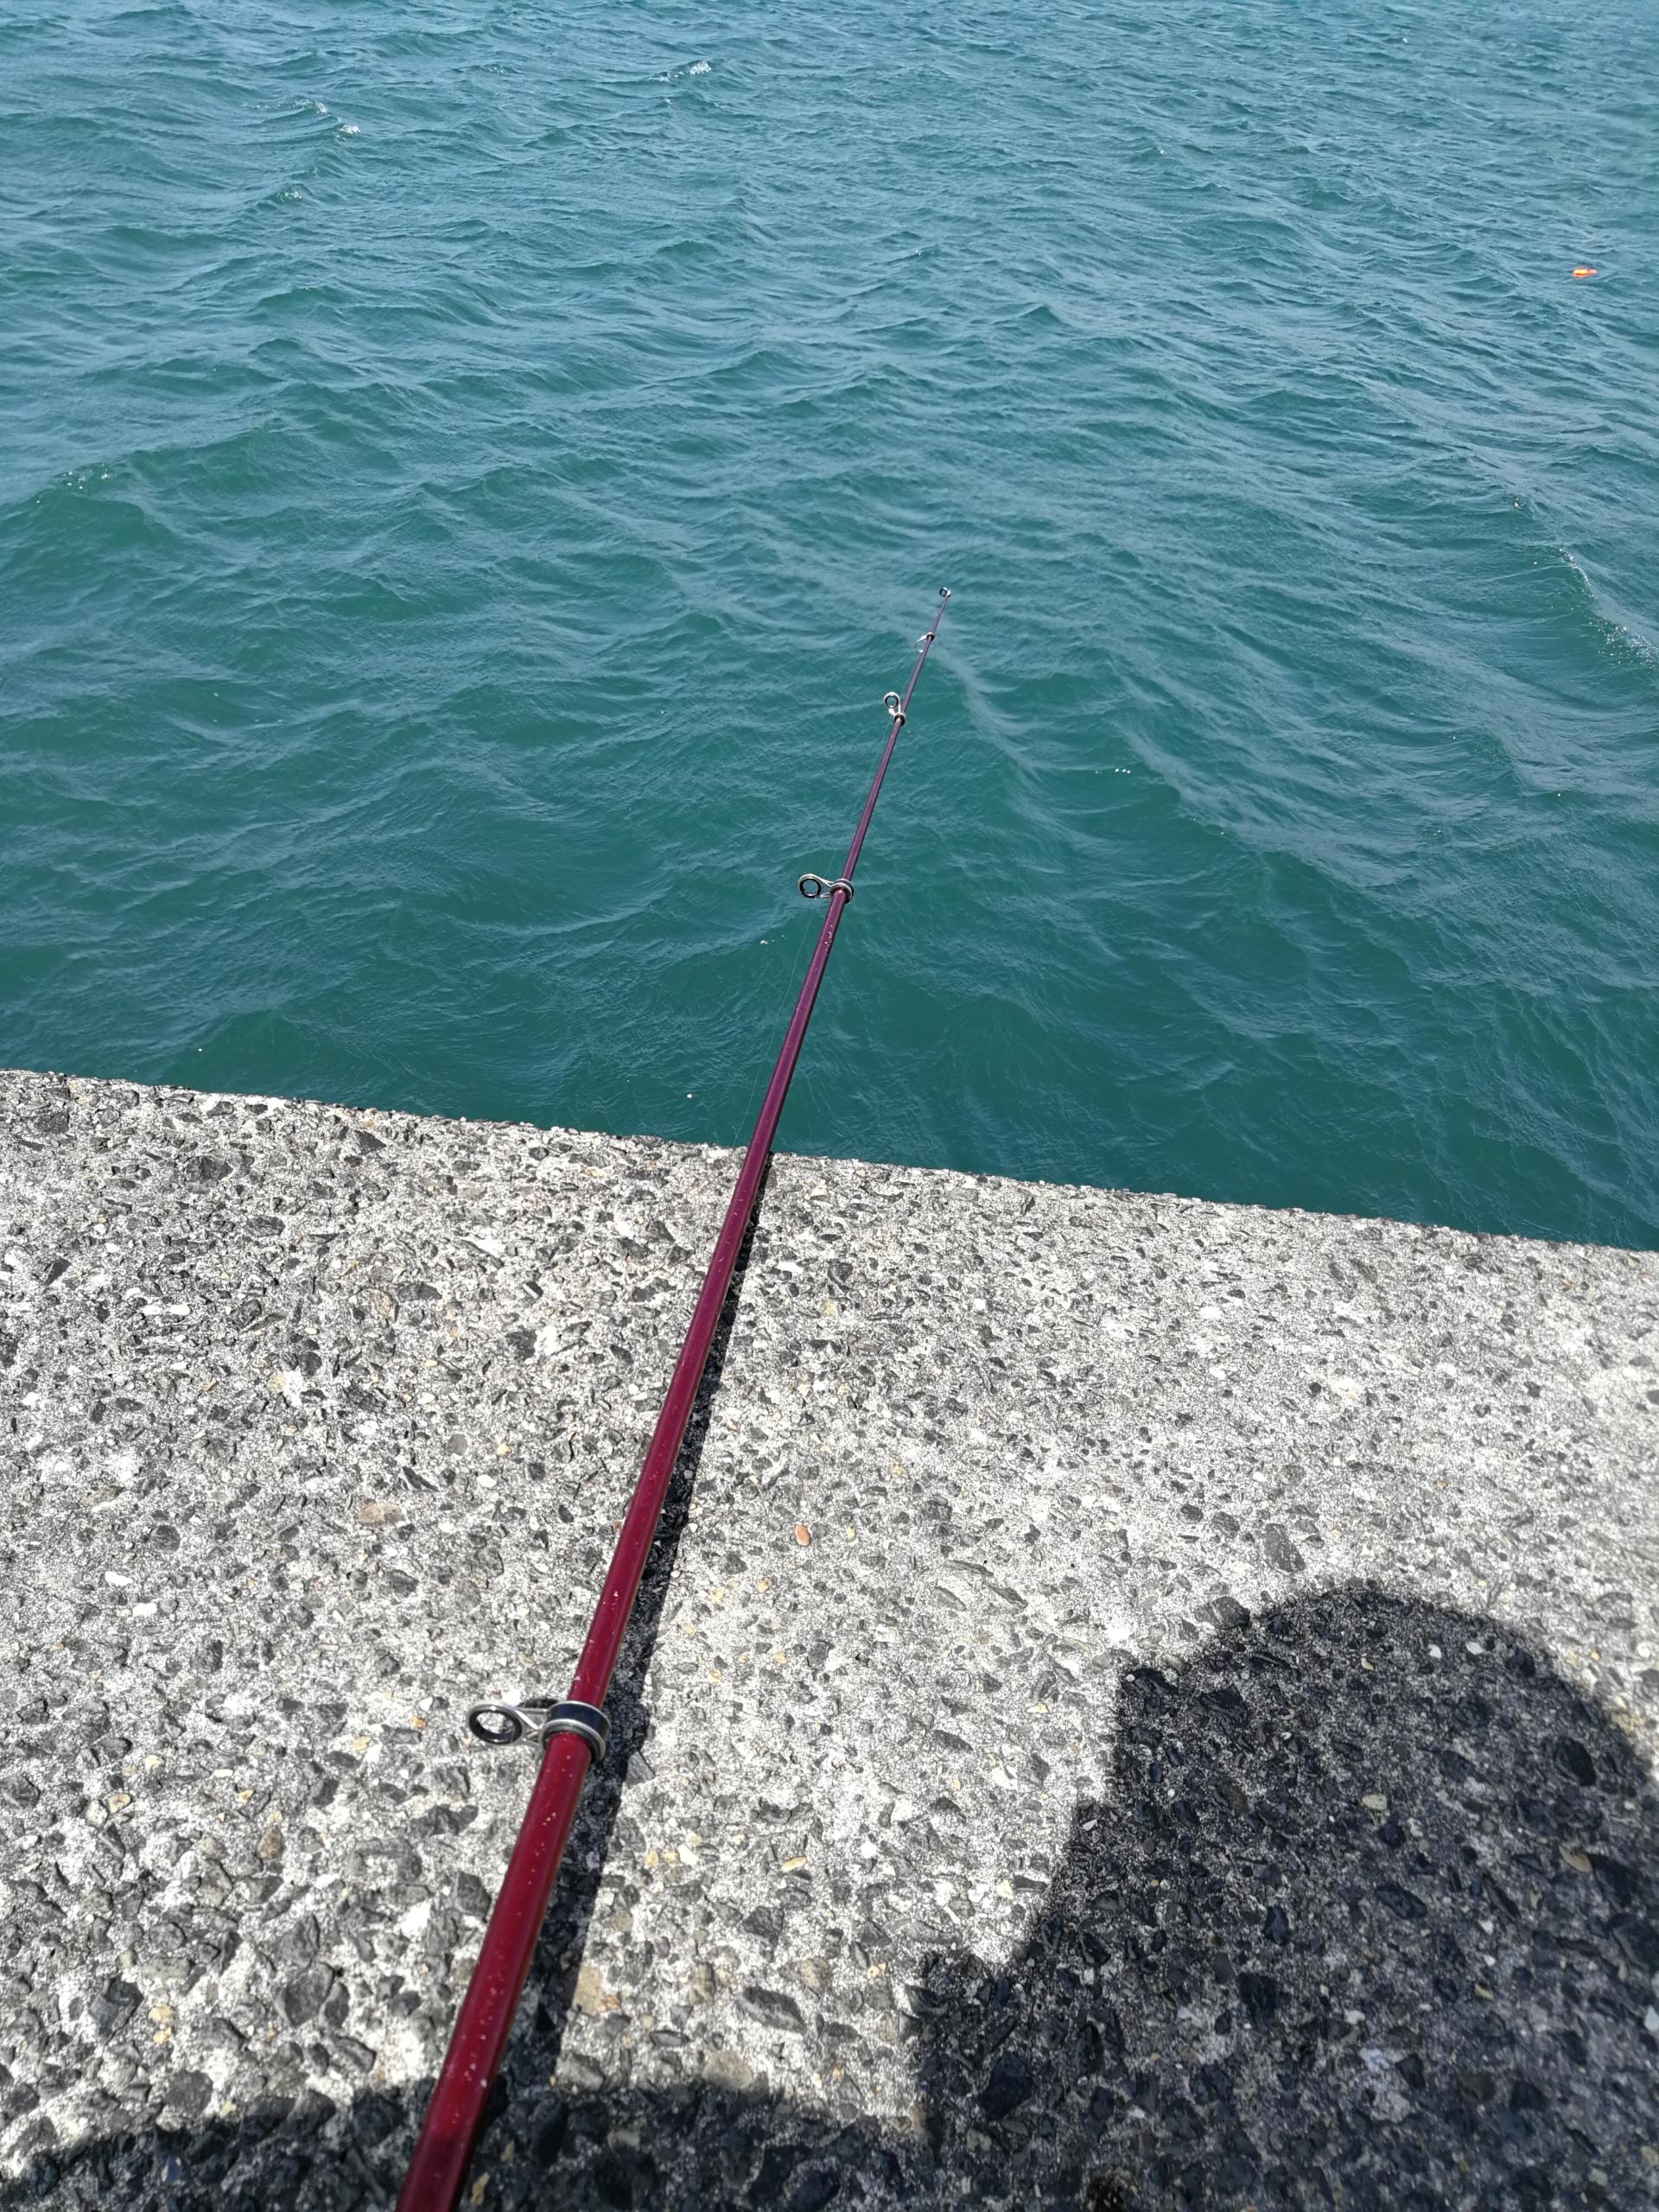 久しぶりに釣りにいきました。